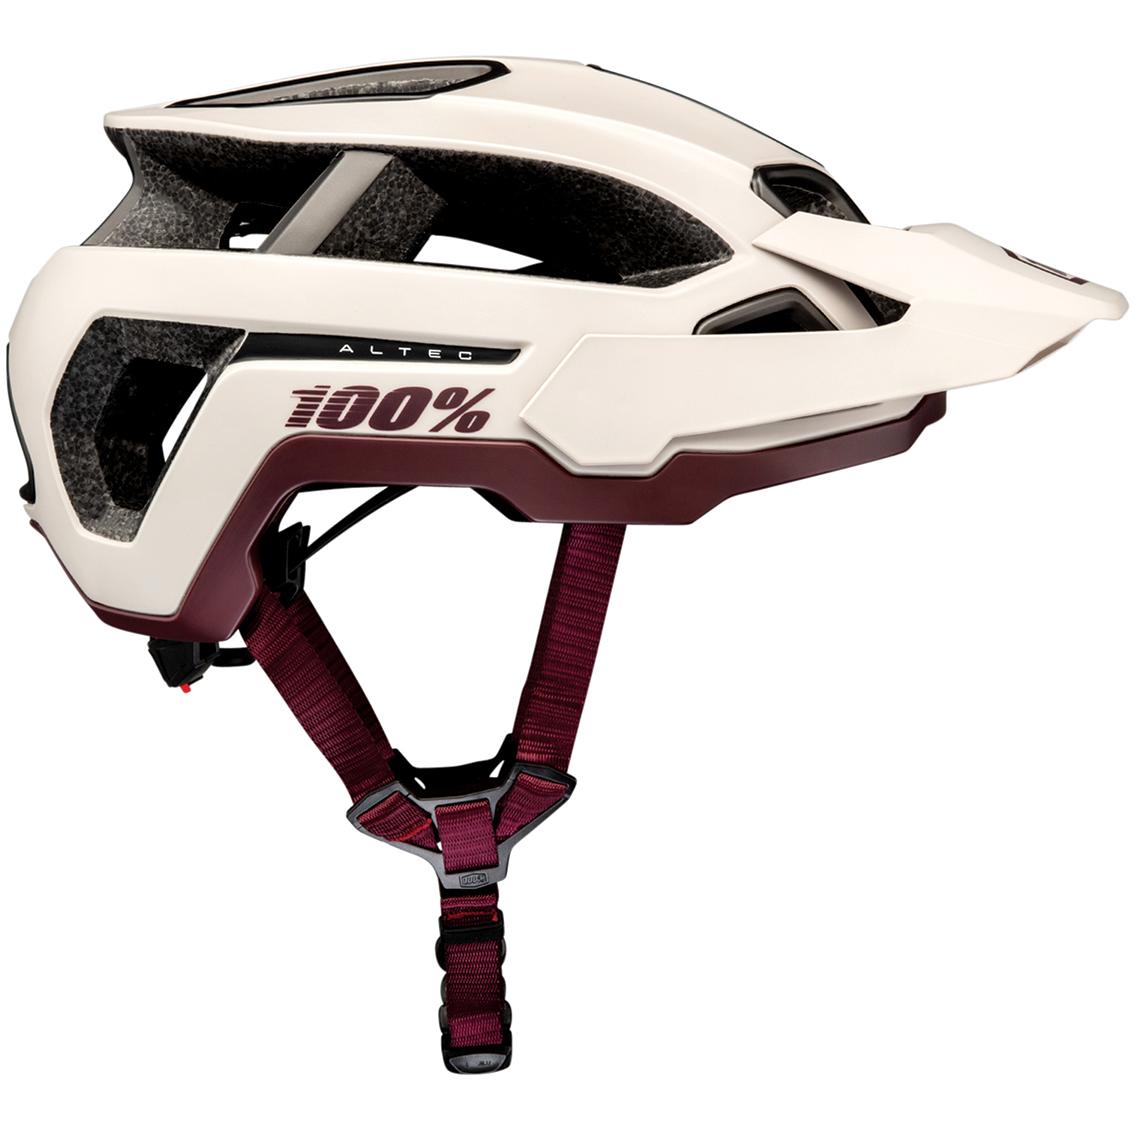 100% Altec Helmet - Warm Grey